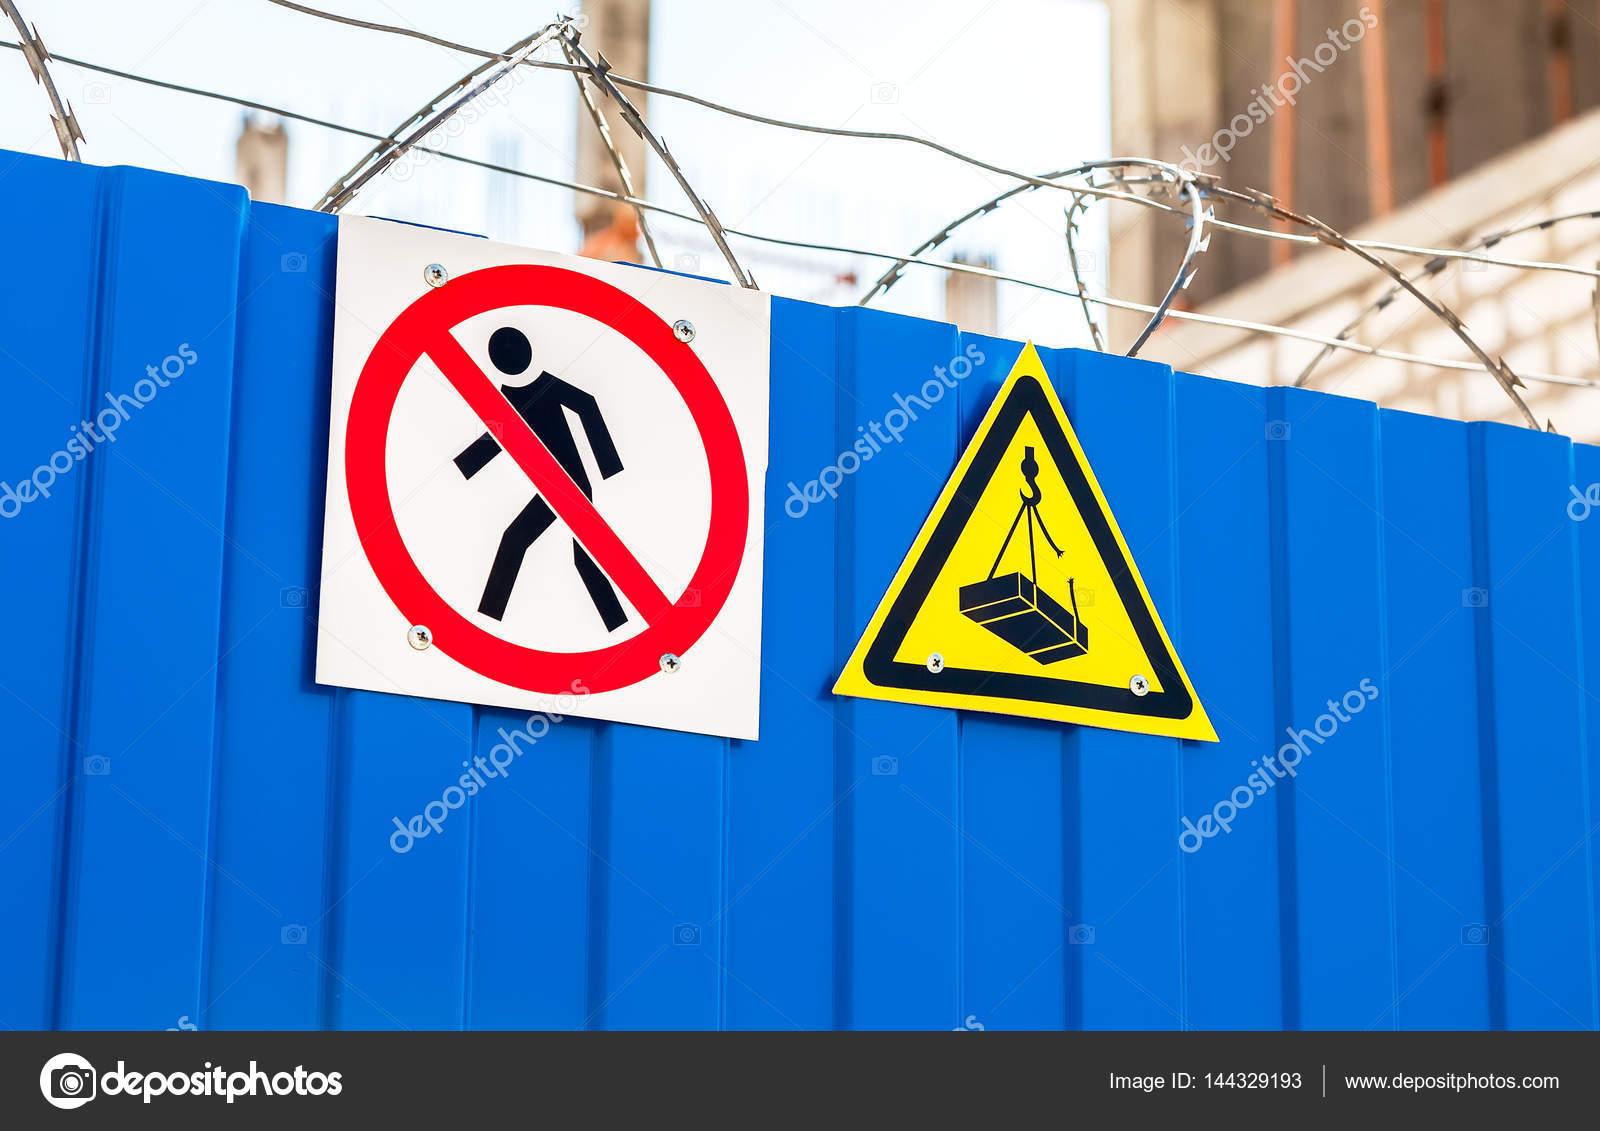 Строительство - предупреждающие знаки повышение квалификации бердск